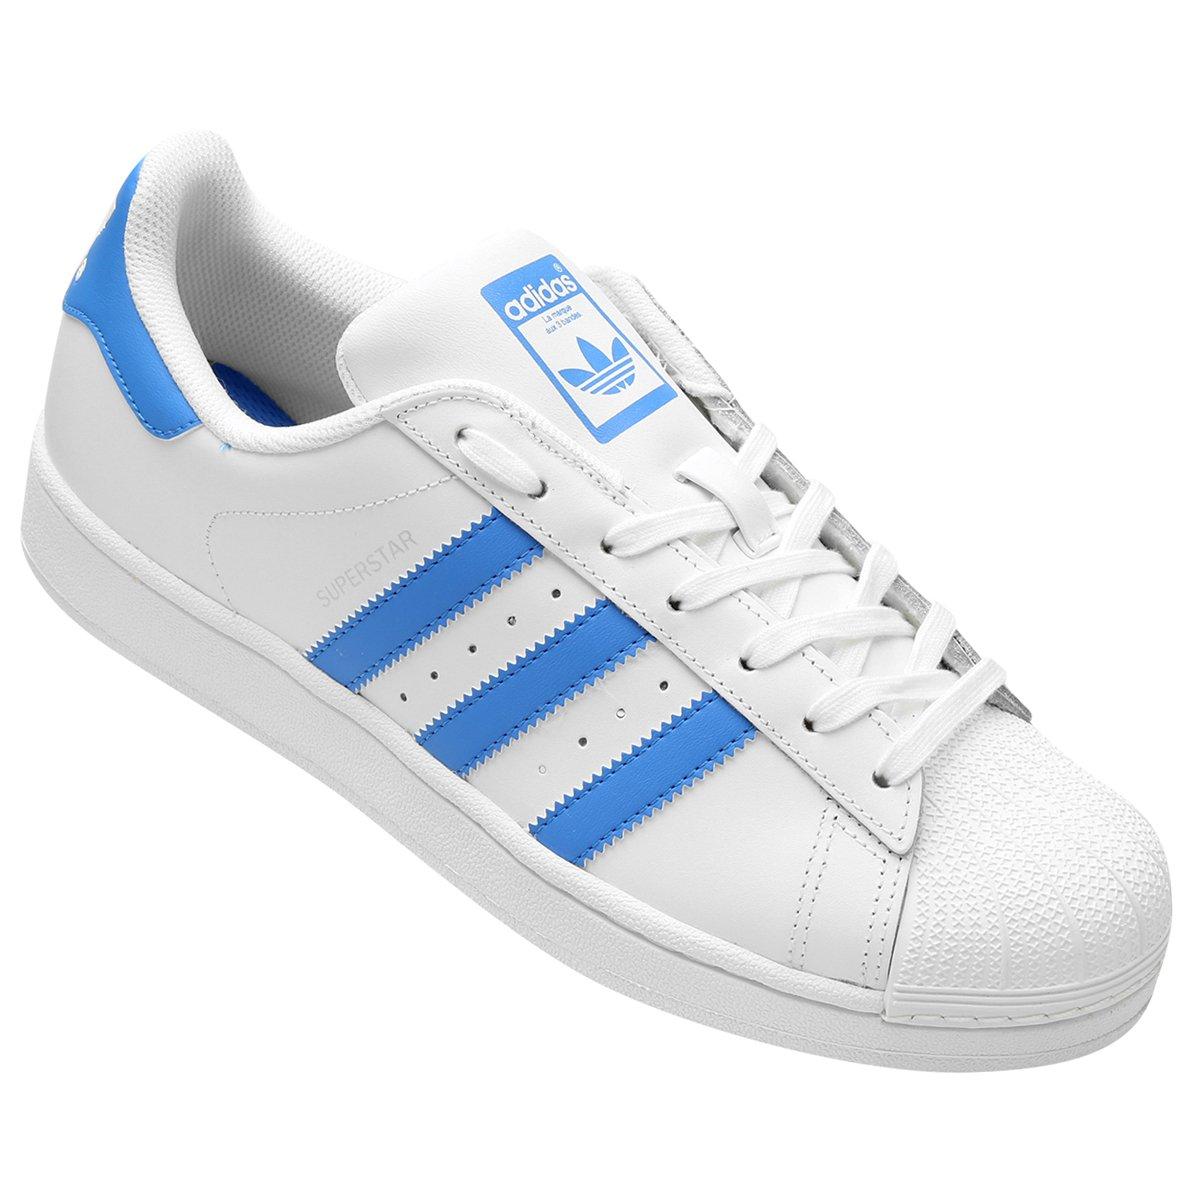 4a2fd45dfa Tênis Adidas Superstar Foundation - Compre Agora